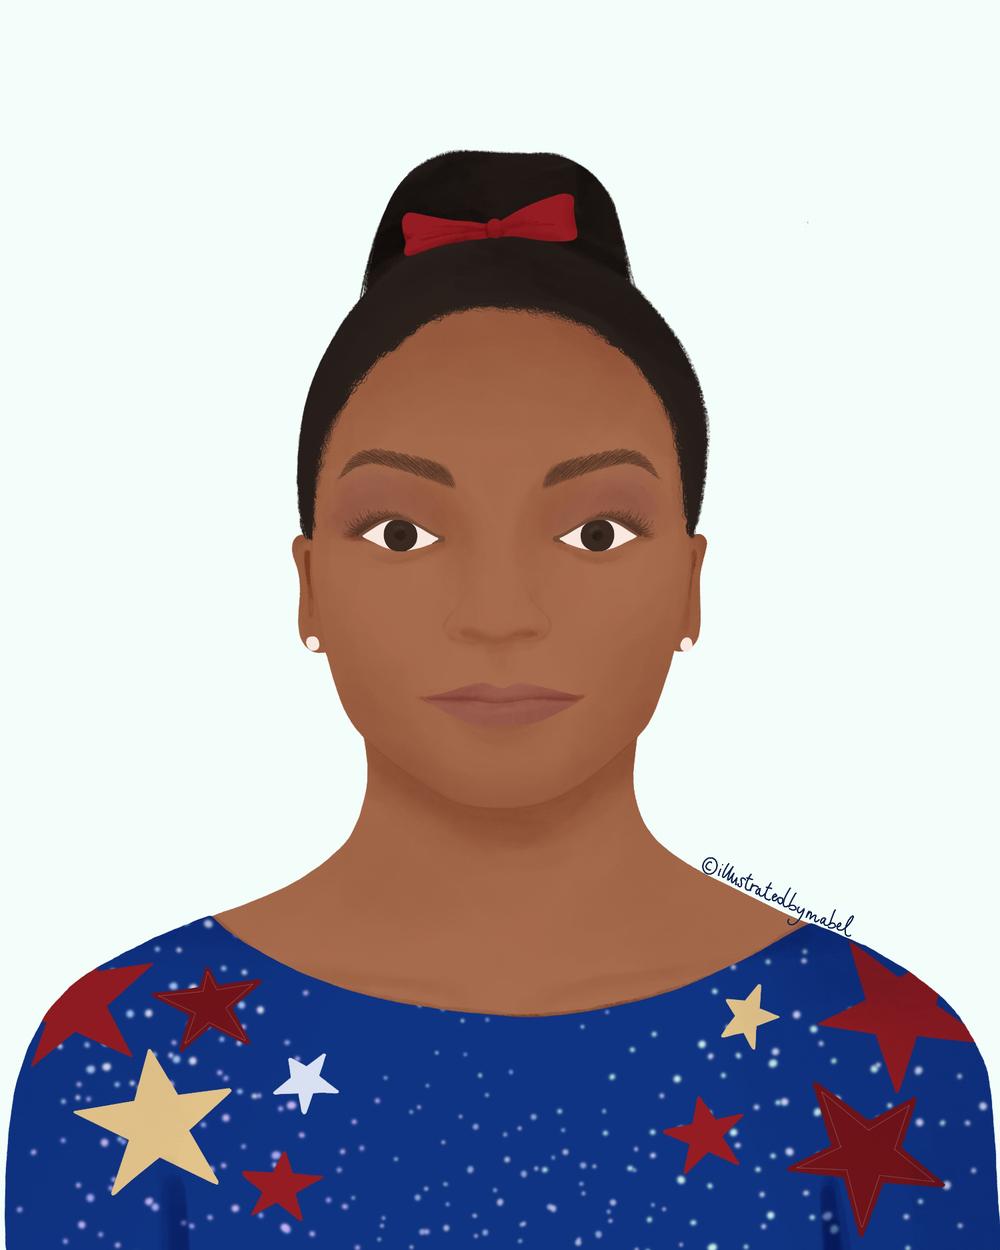 Woman portrait illustration Simone Biles